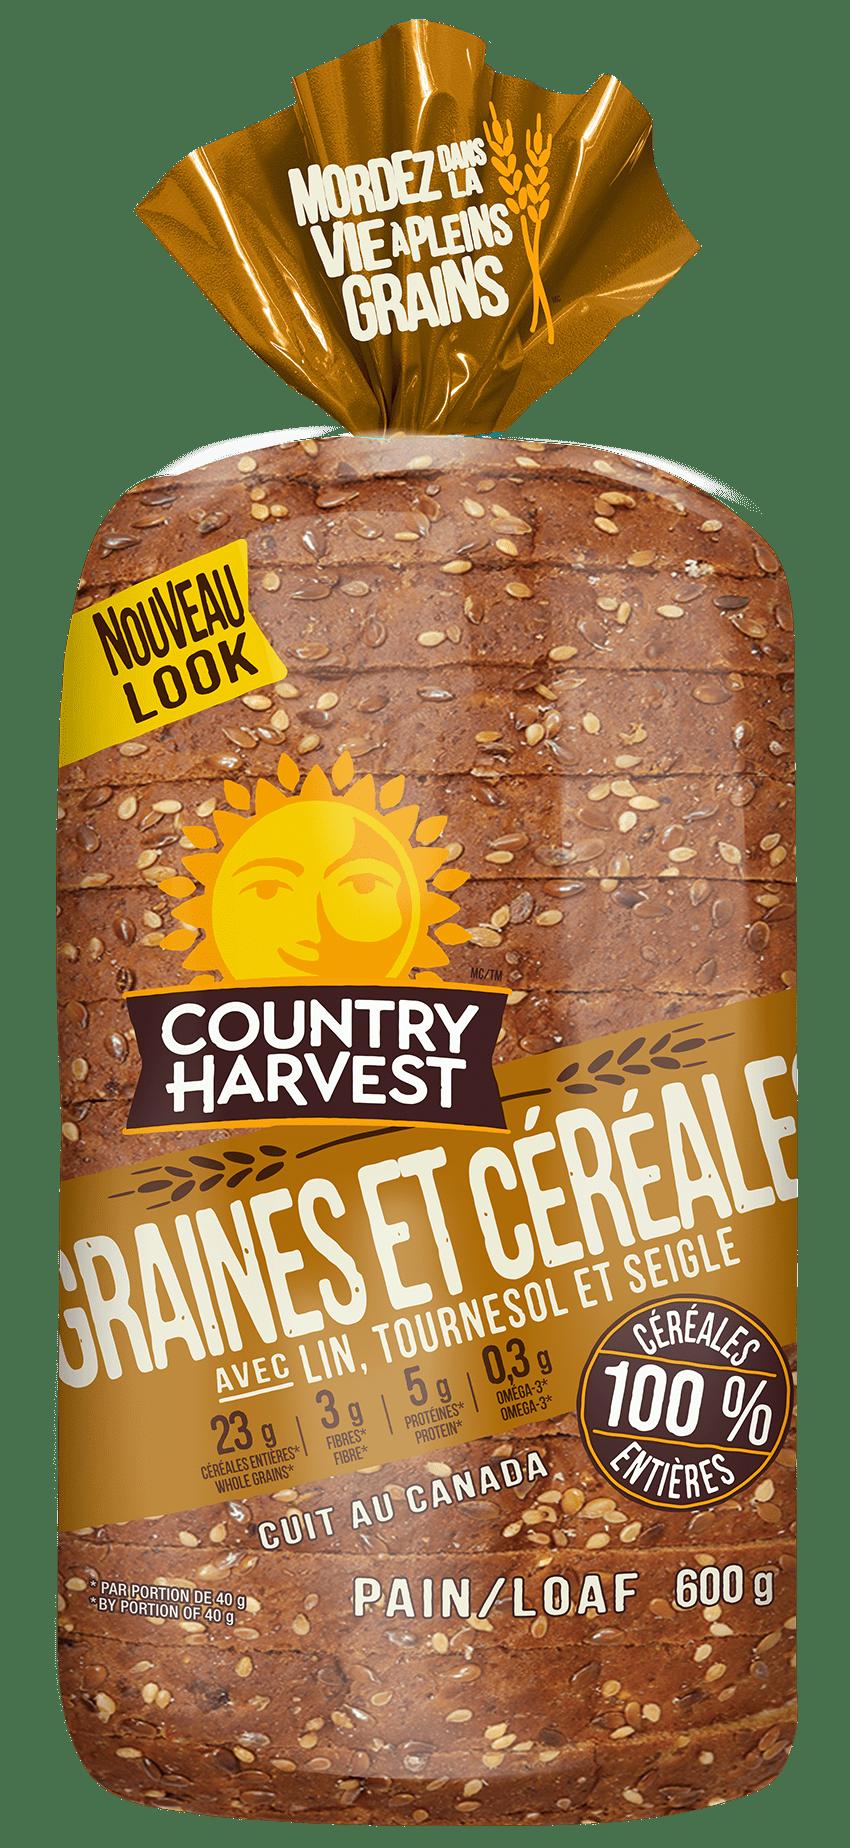 Country Harvest GRAINES ET CÉRÉALES